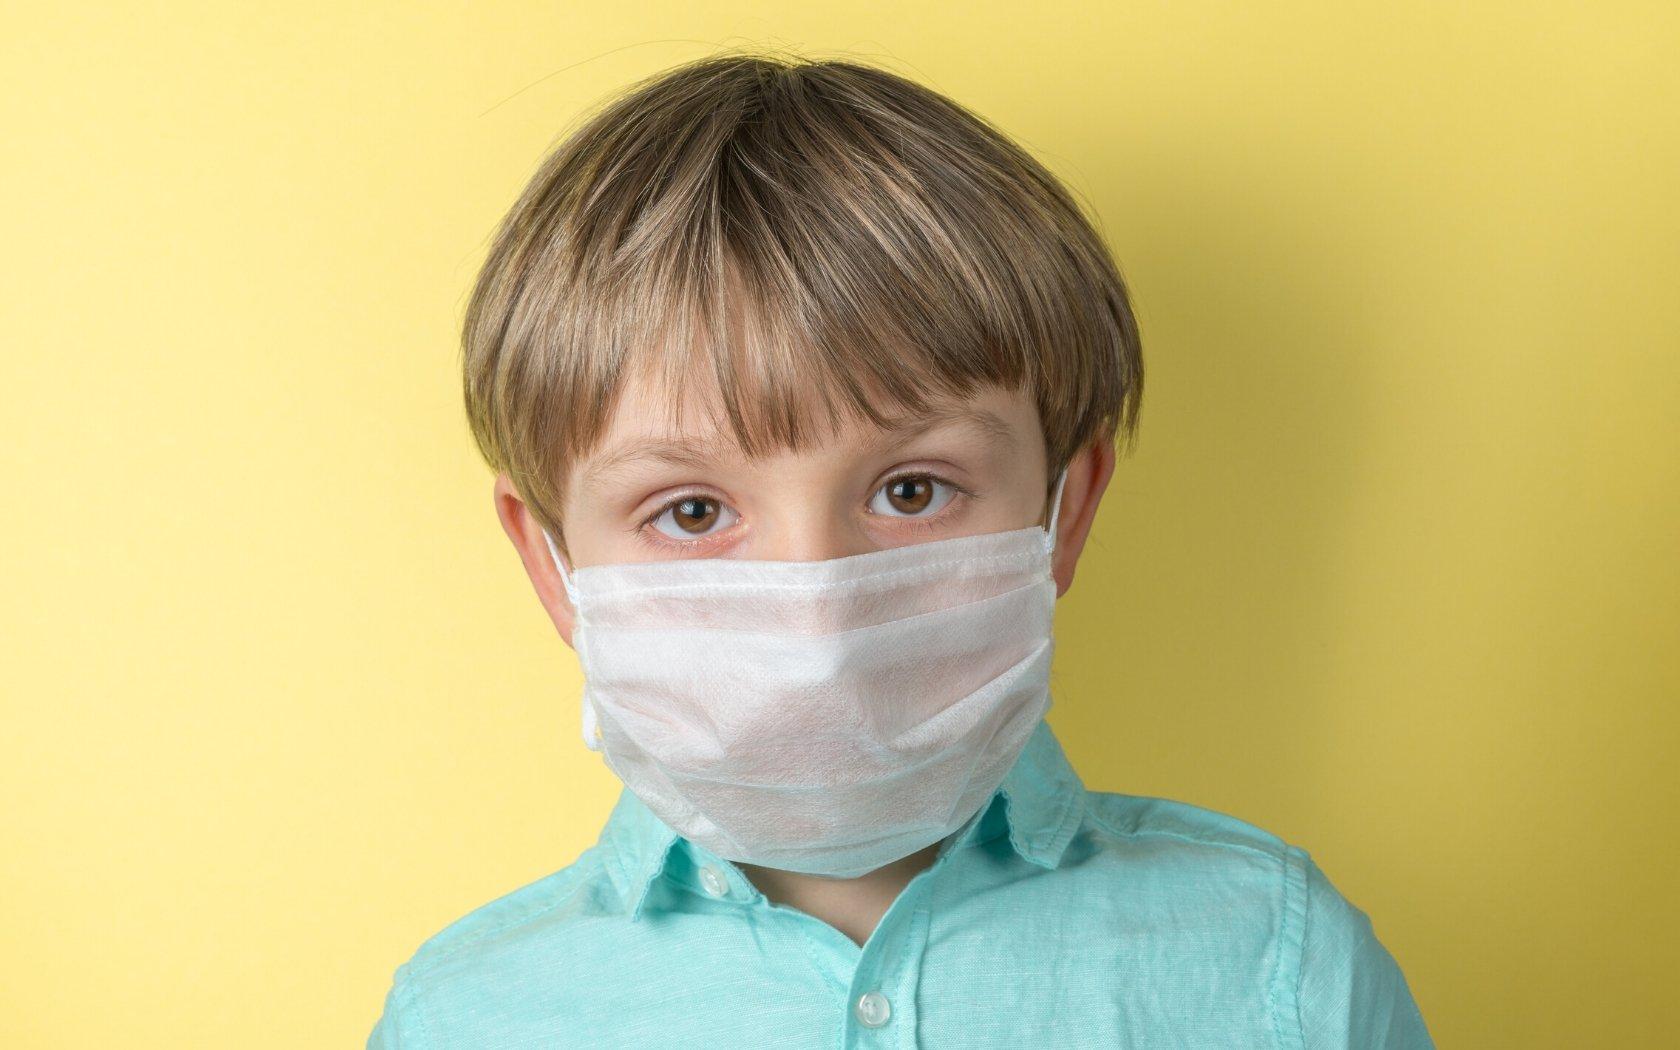 Mascherine per bambini: ecco dove acquistarle online - 100% sicure